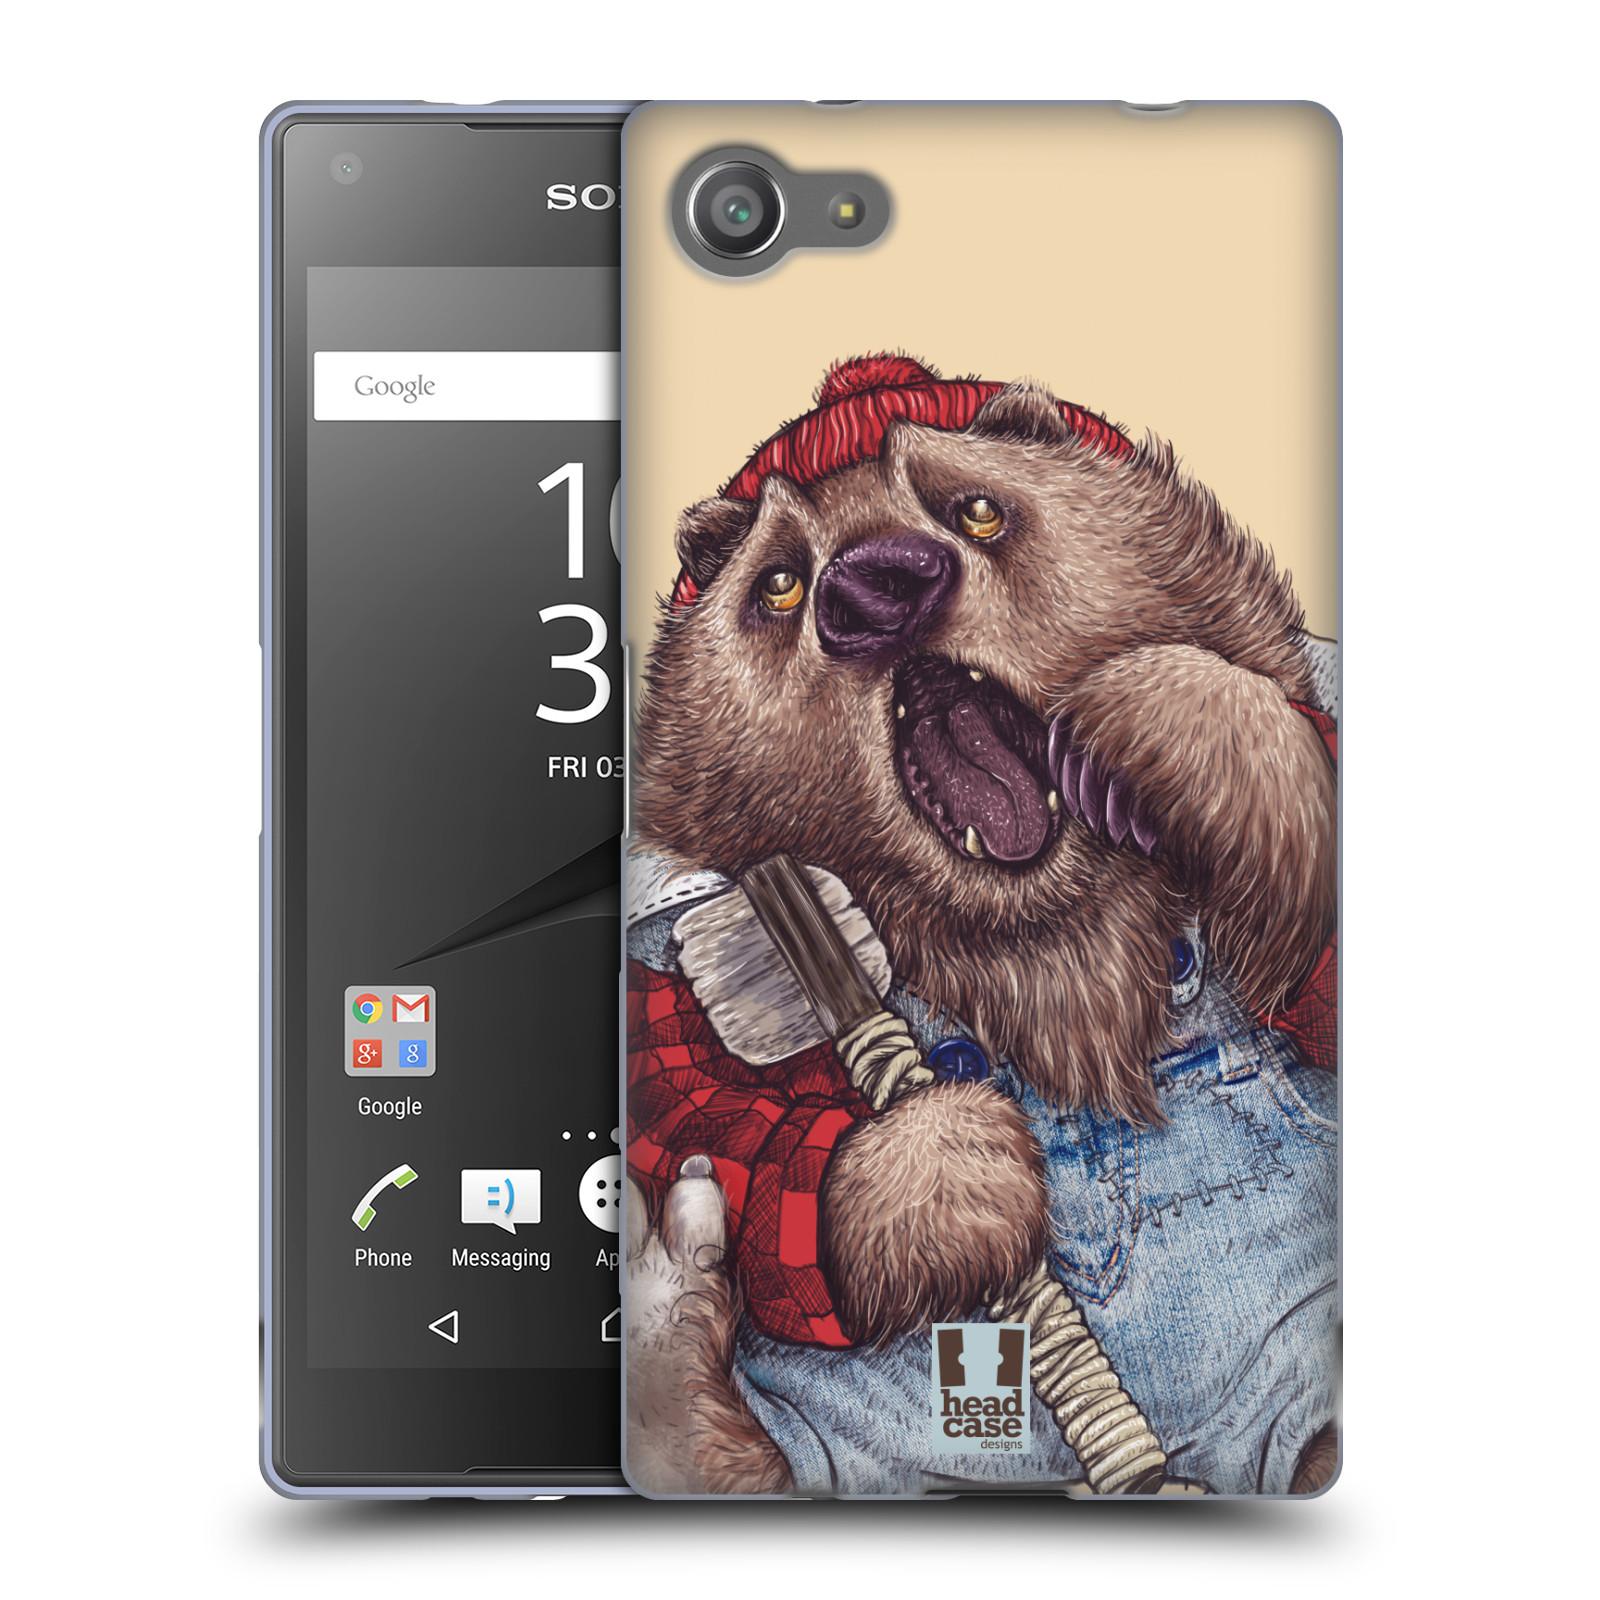 HEAD CASE silikonový obal na mobil Sony Xperia Z5 COMPACT vzor Kreslená zvířátka medvěd